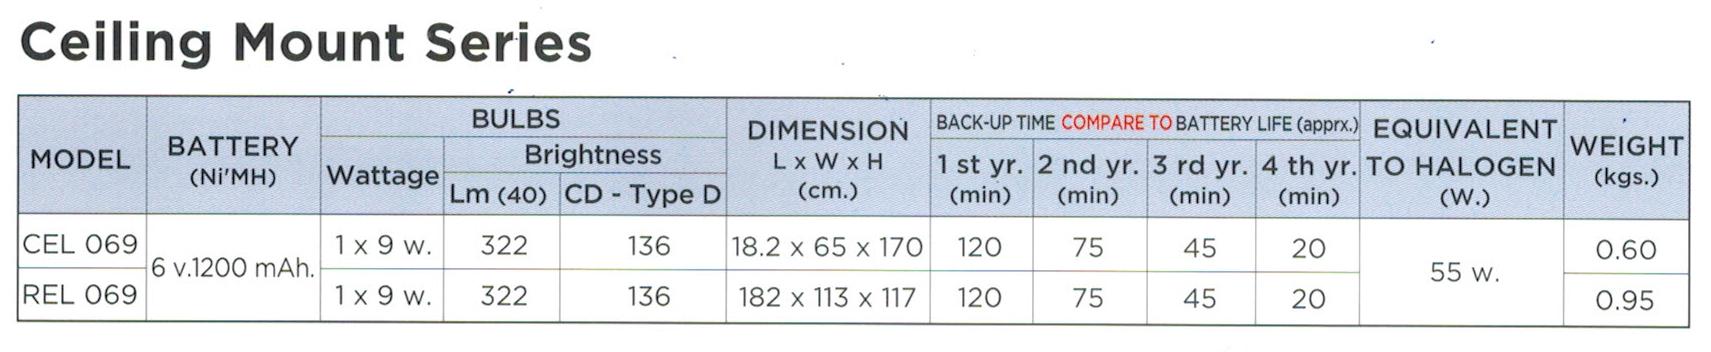 ไฟฉุกเฉิน LED CEL-069,REL-069, Ceiling Series